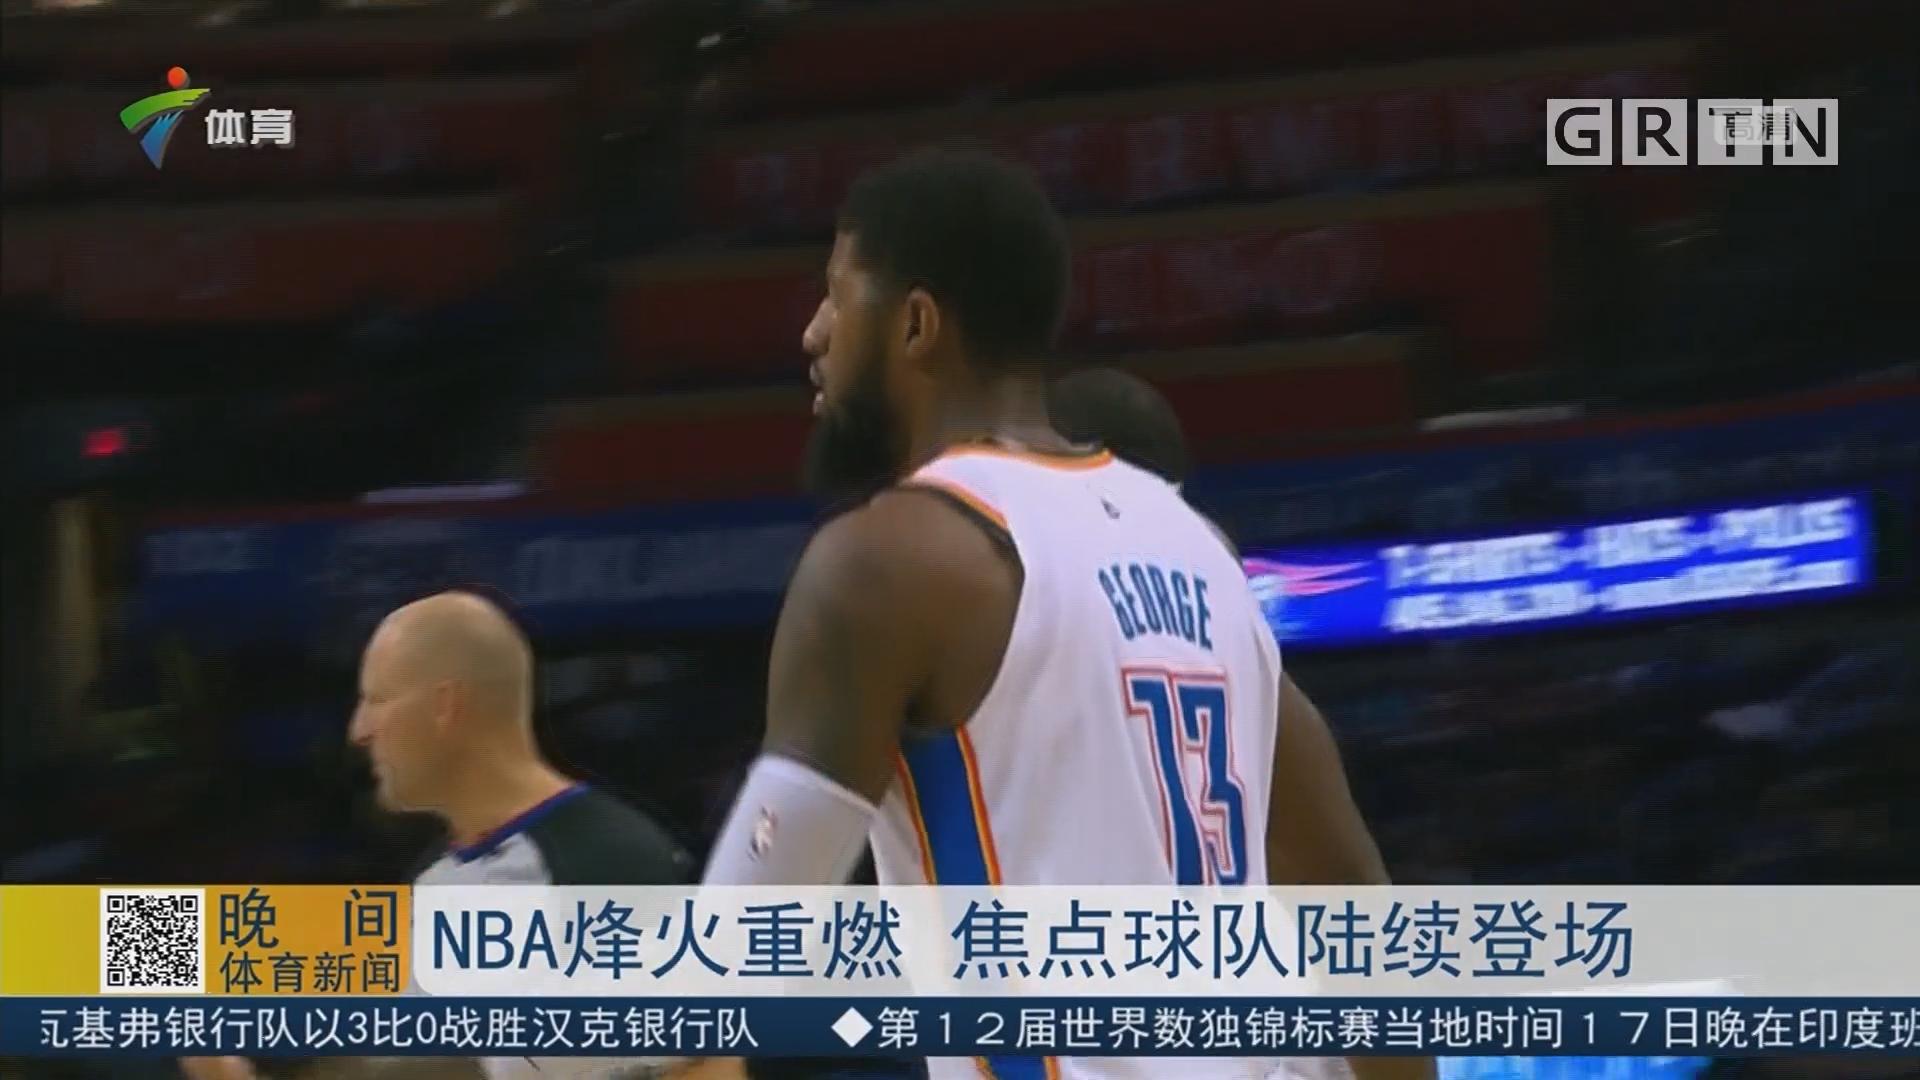 NBA烽火重燃 焦点球队陆续登场